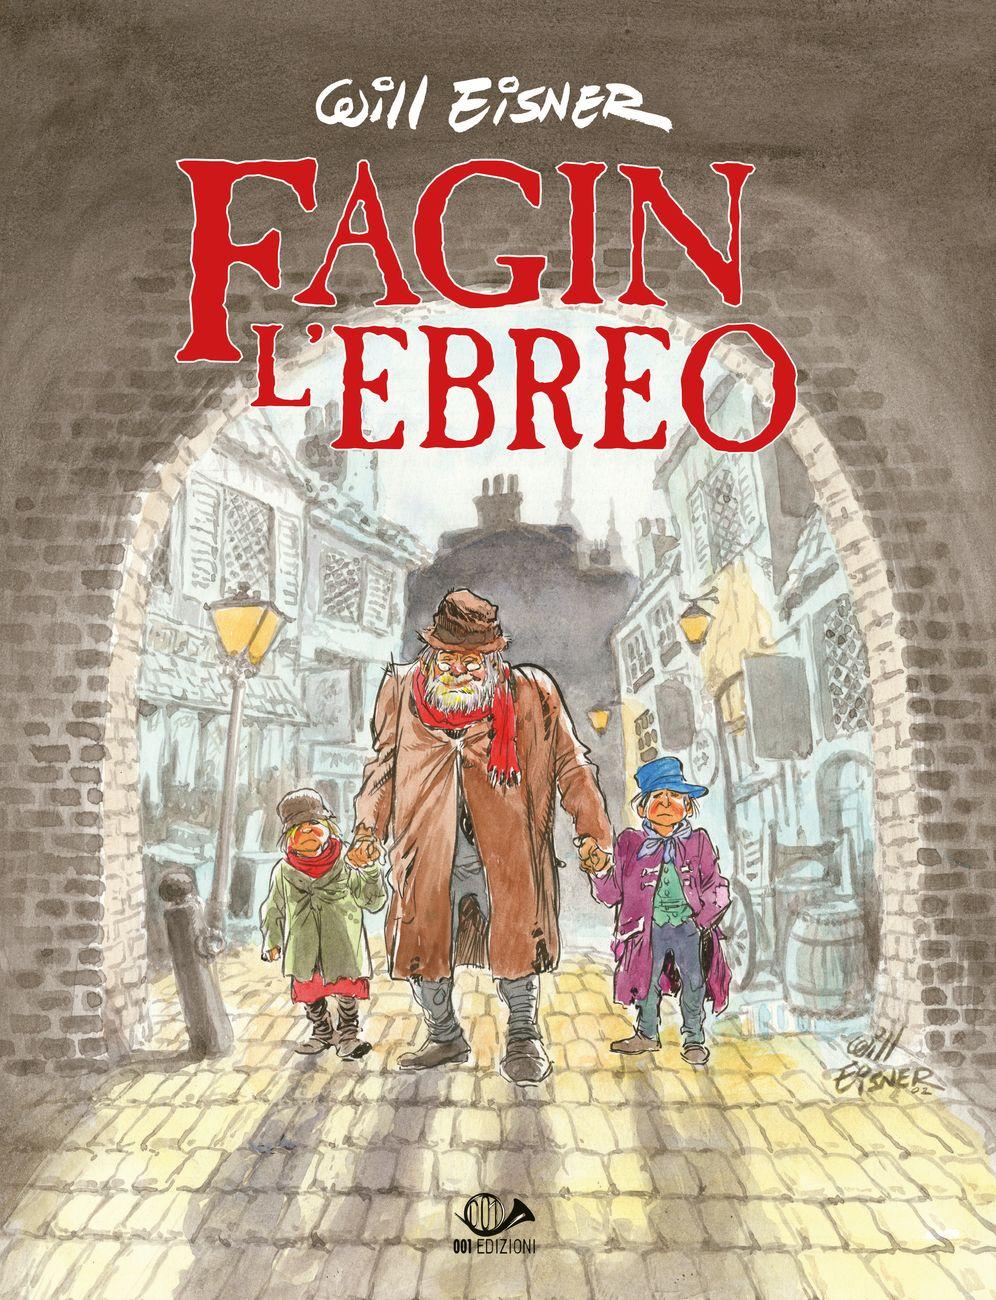 Will Eisner – Fagin l'Ebreo (001 Edizioni, Torino 2018). Copertina